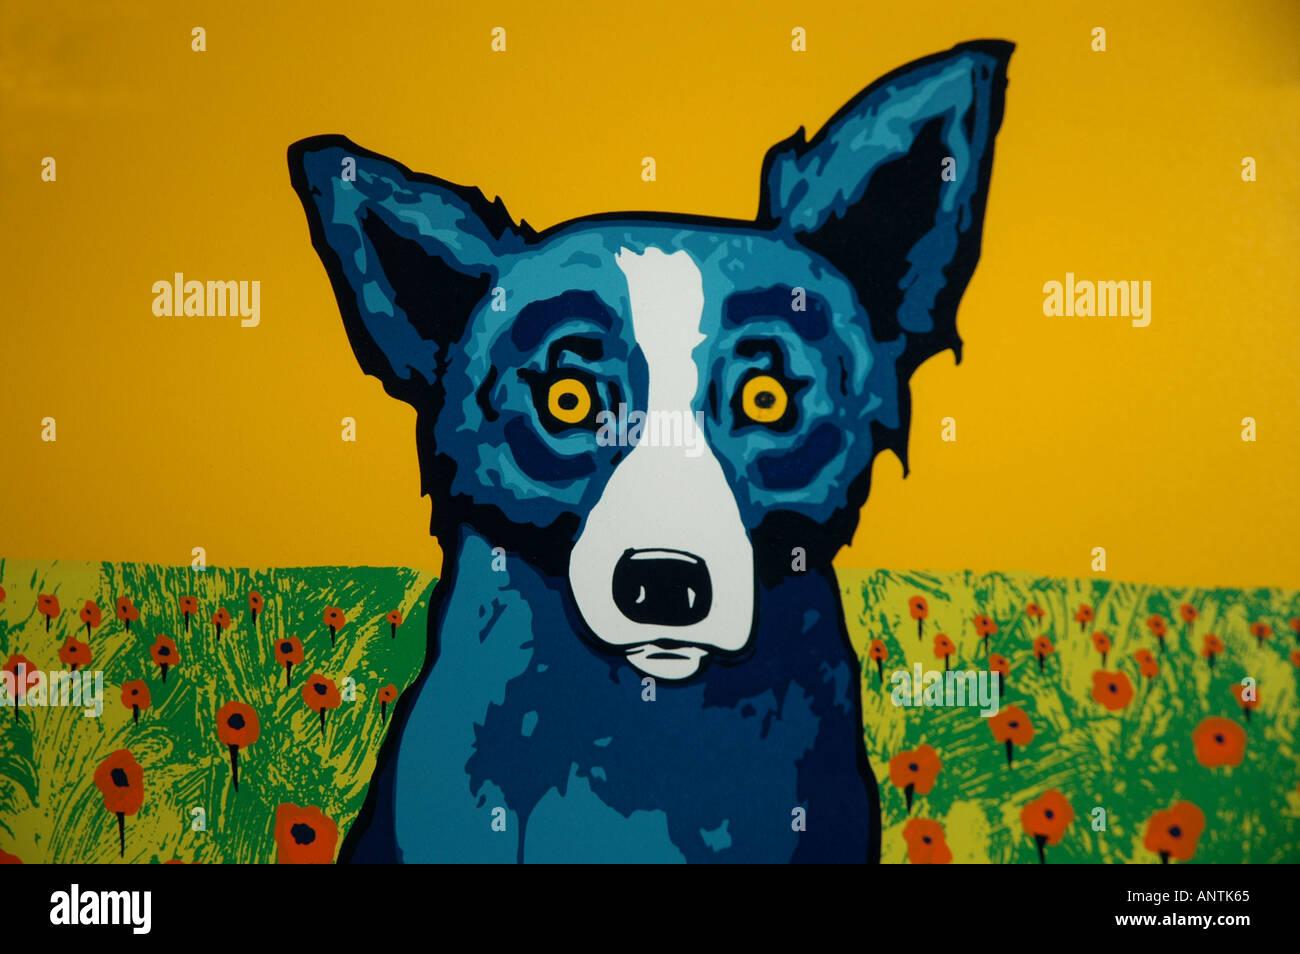 Louisiana la Lafayette Blue Dog Cafe painting - Stock Image